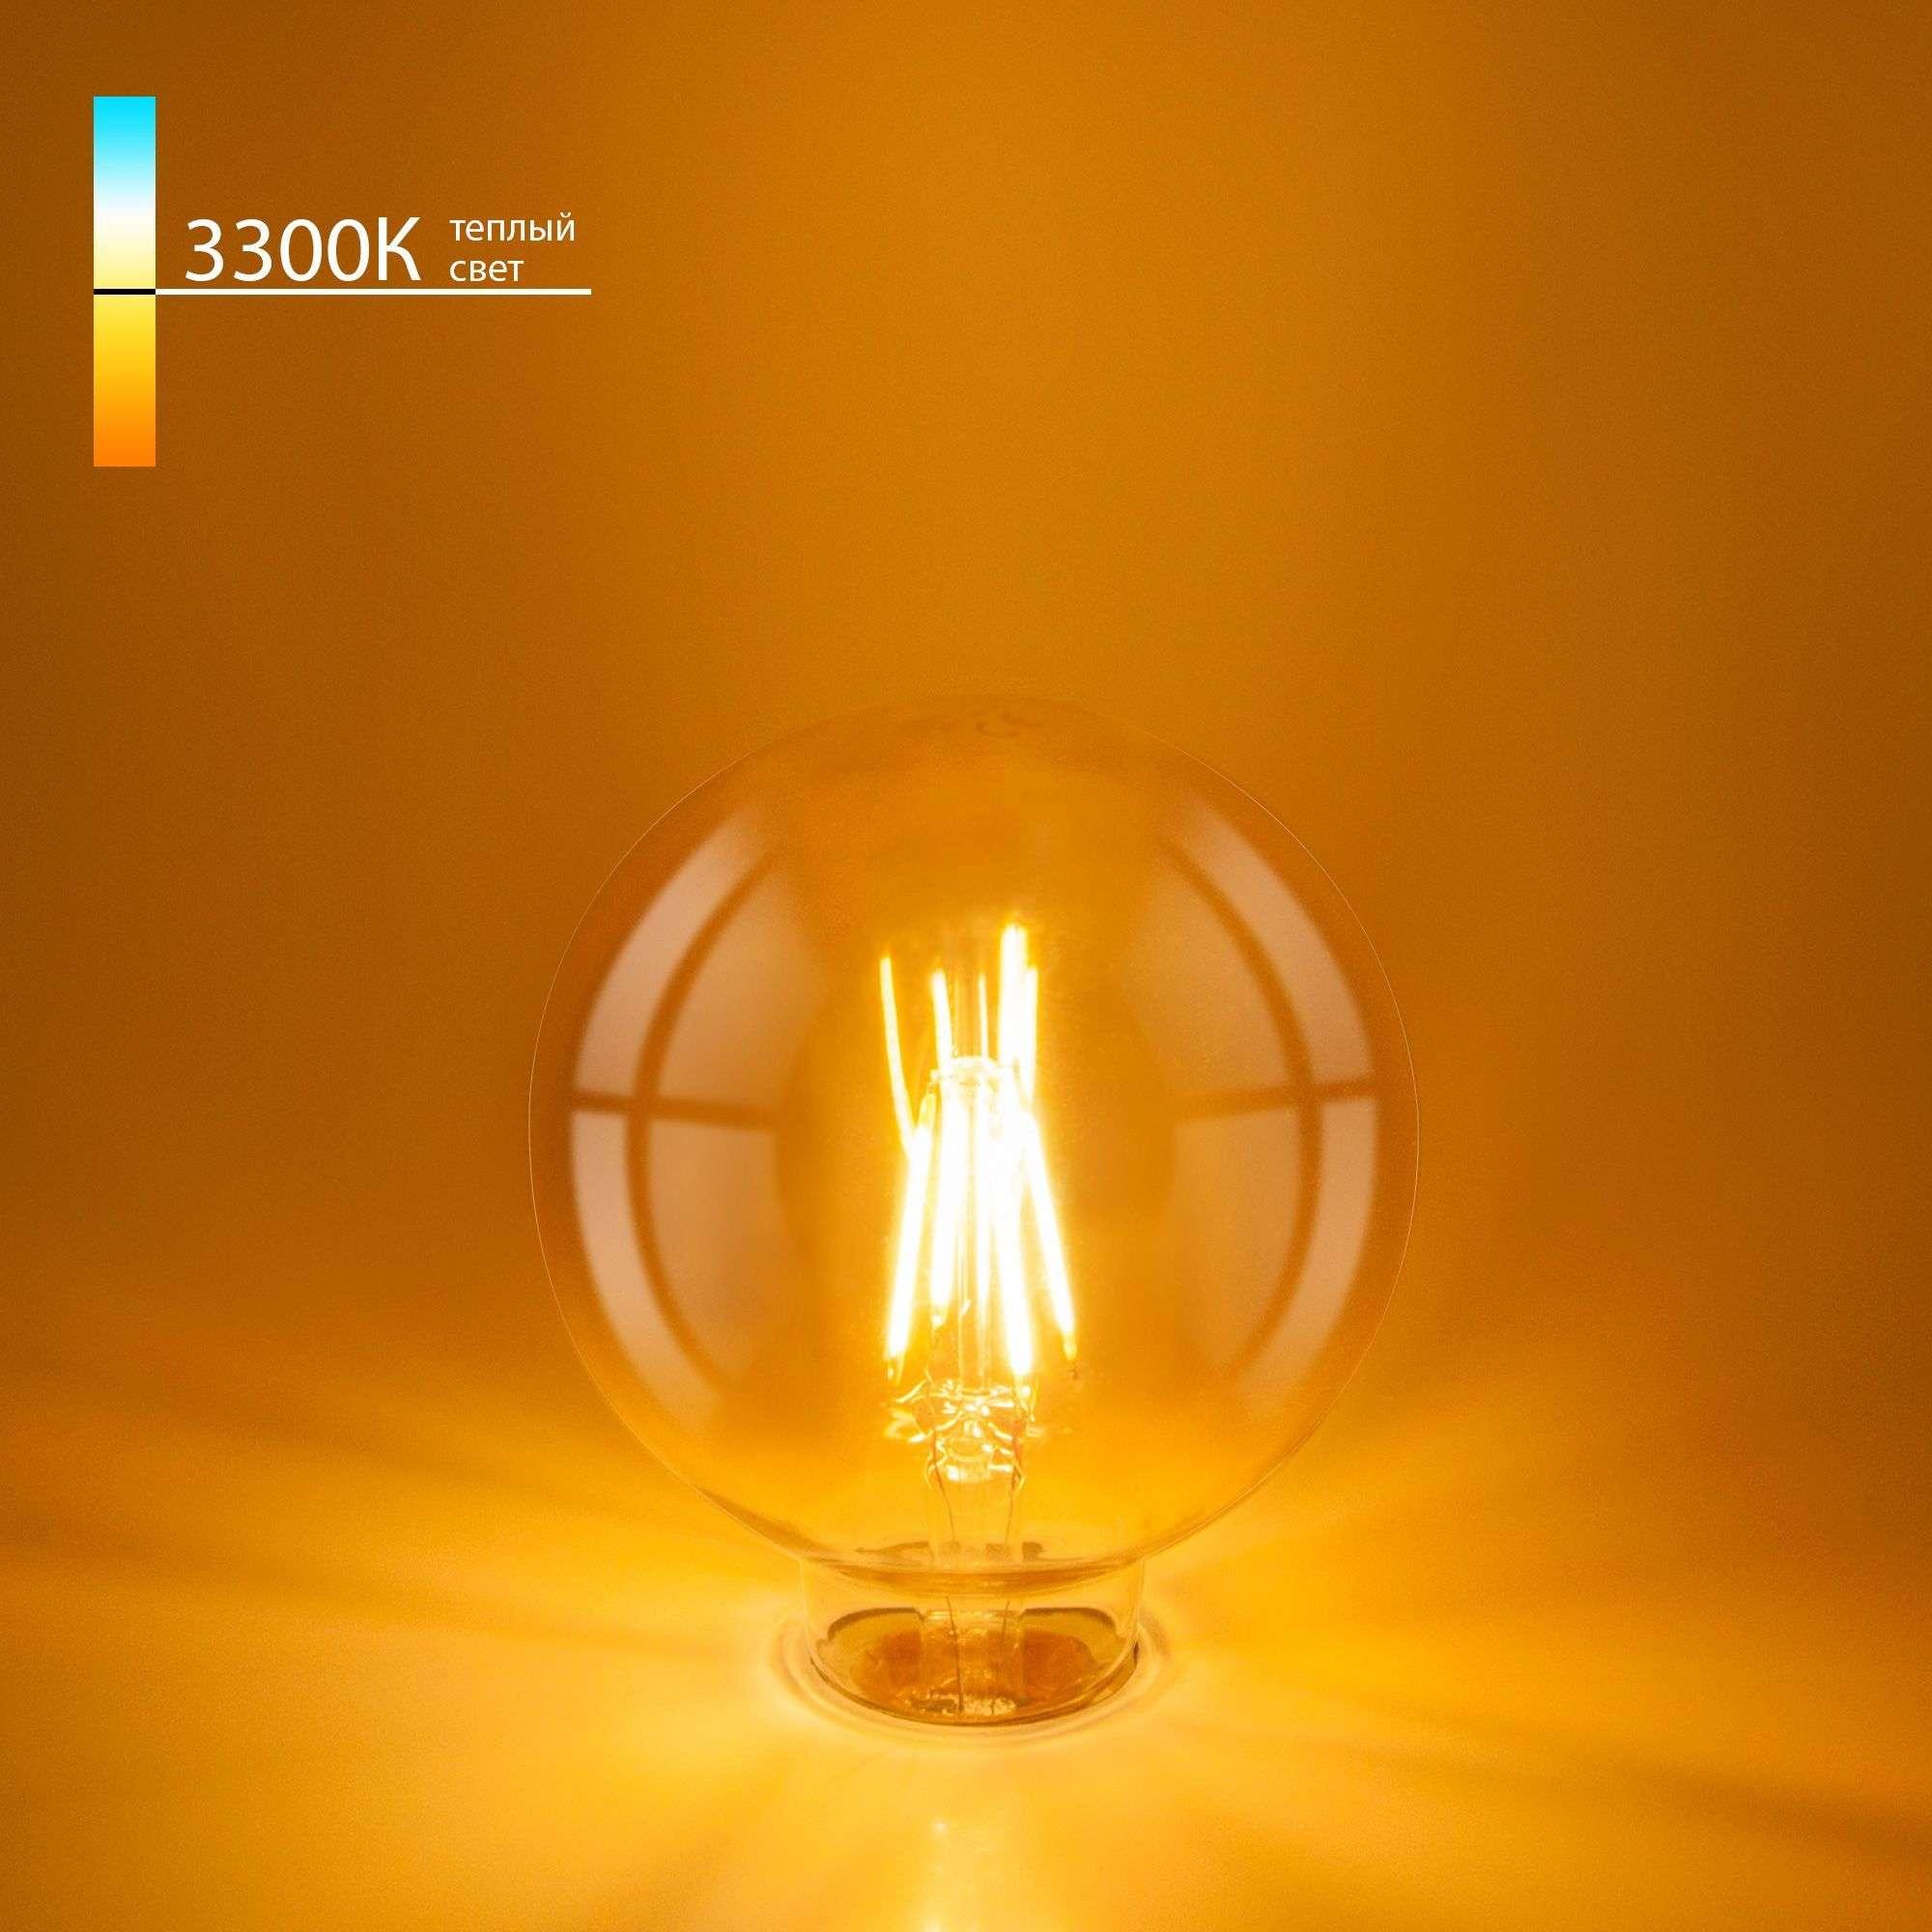 Филаментная светодиодная лампа G95 6W 3300K E27 Classic F 6W 3300K E27